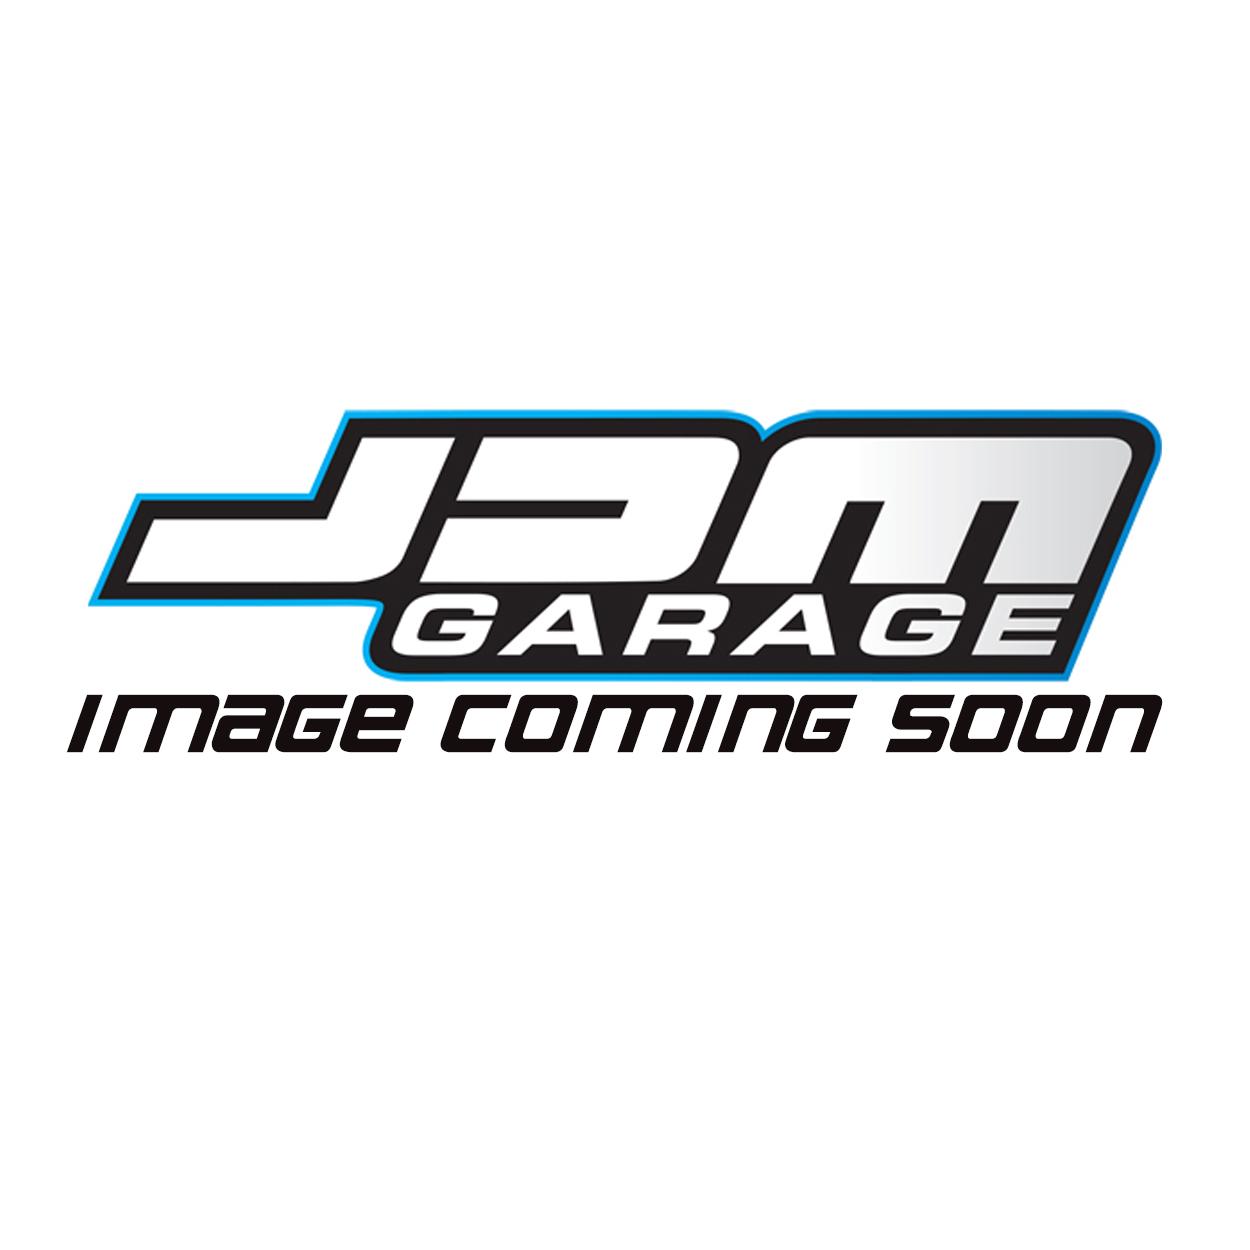 Blitz LM Power Panel Air Filter Mitsubishi Lancer EVO Evolution 4 IV 5 V 6 VI 7 VII 8 VII 9 IX 4G63